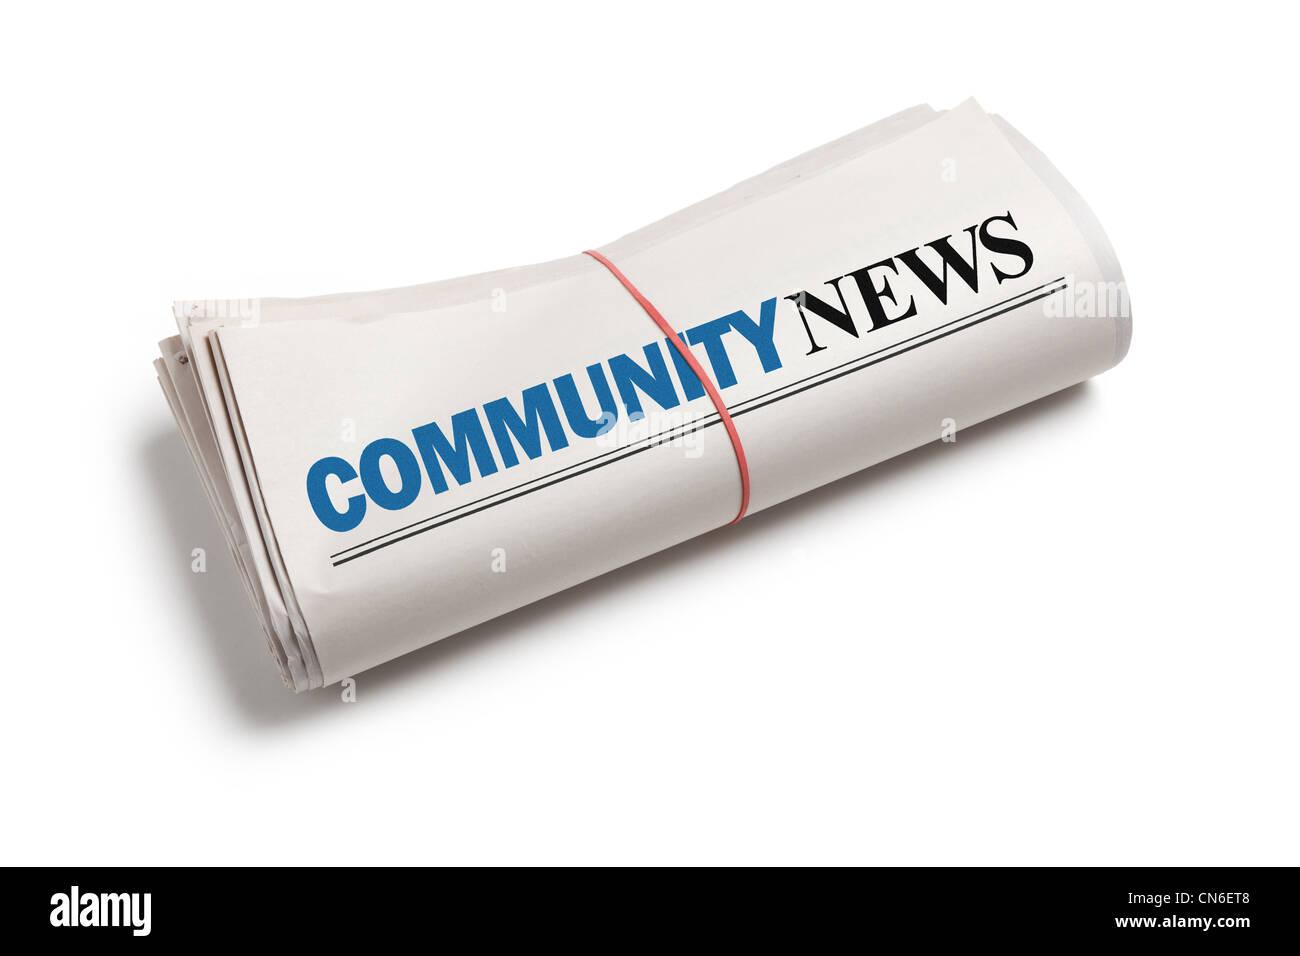 Community News Zeitung Rollen mit weißem Hintergrund Stockbild